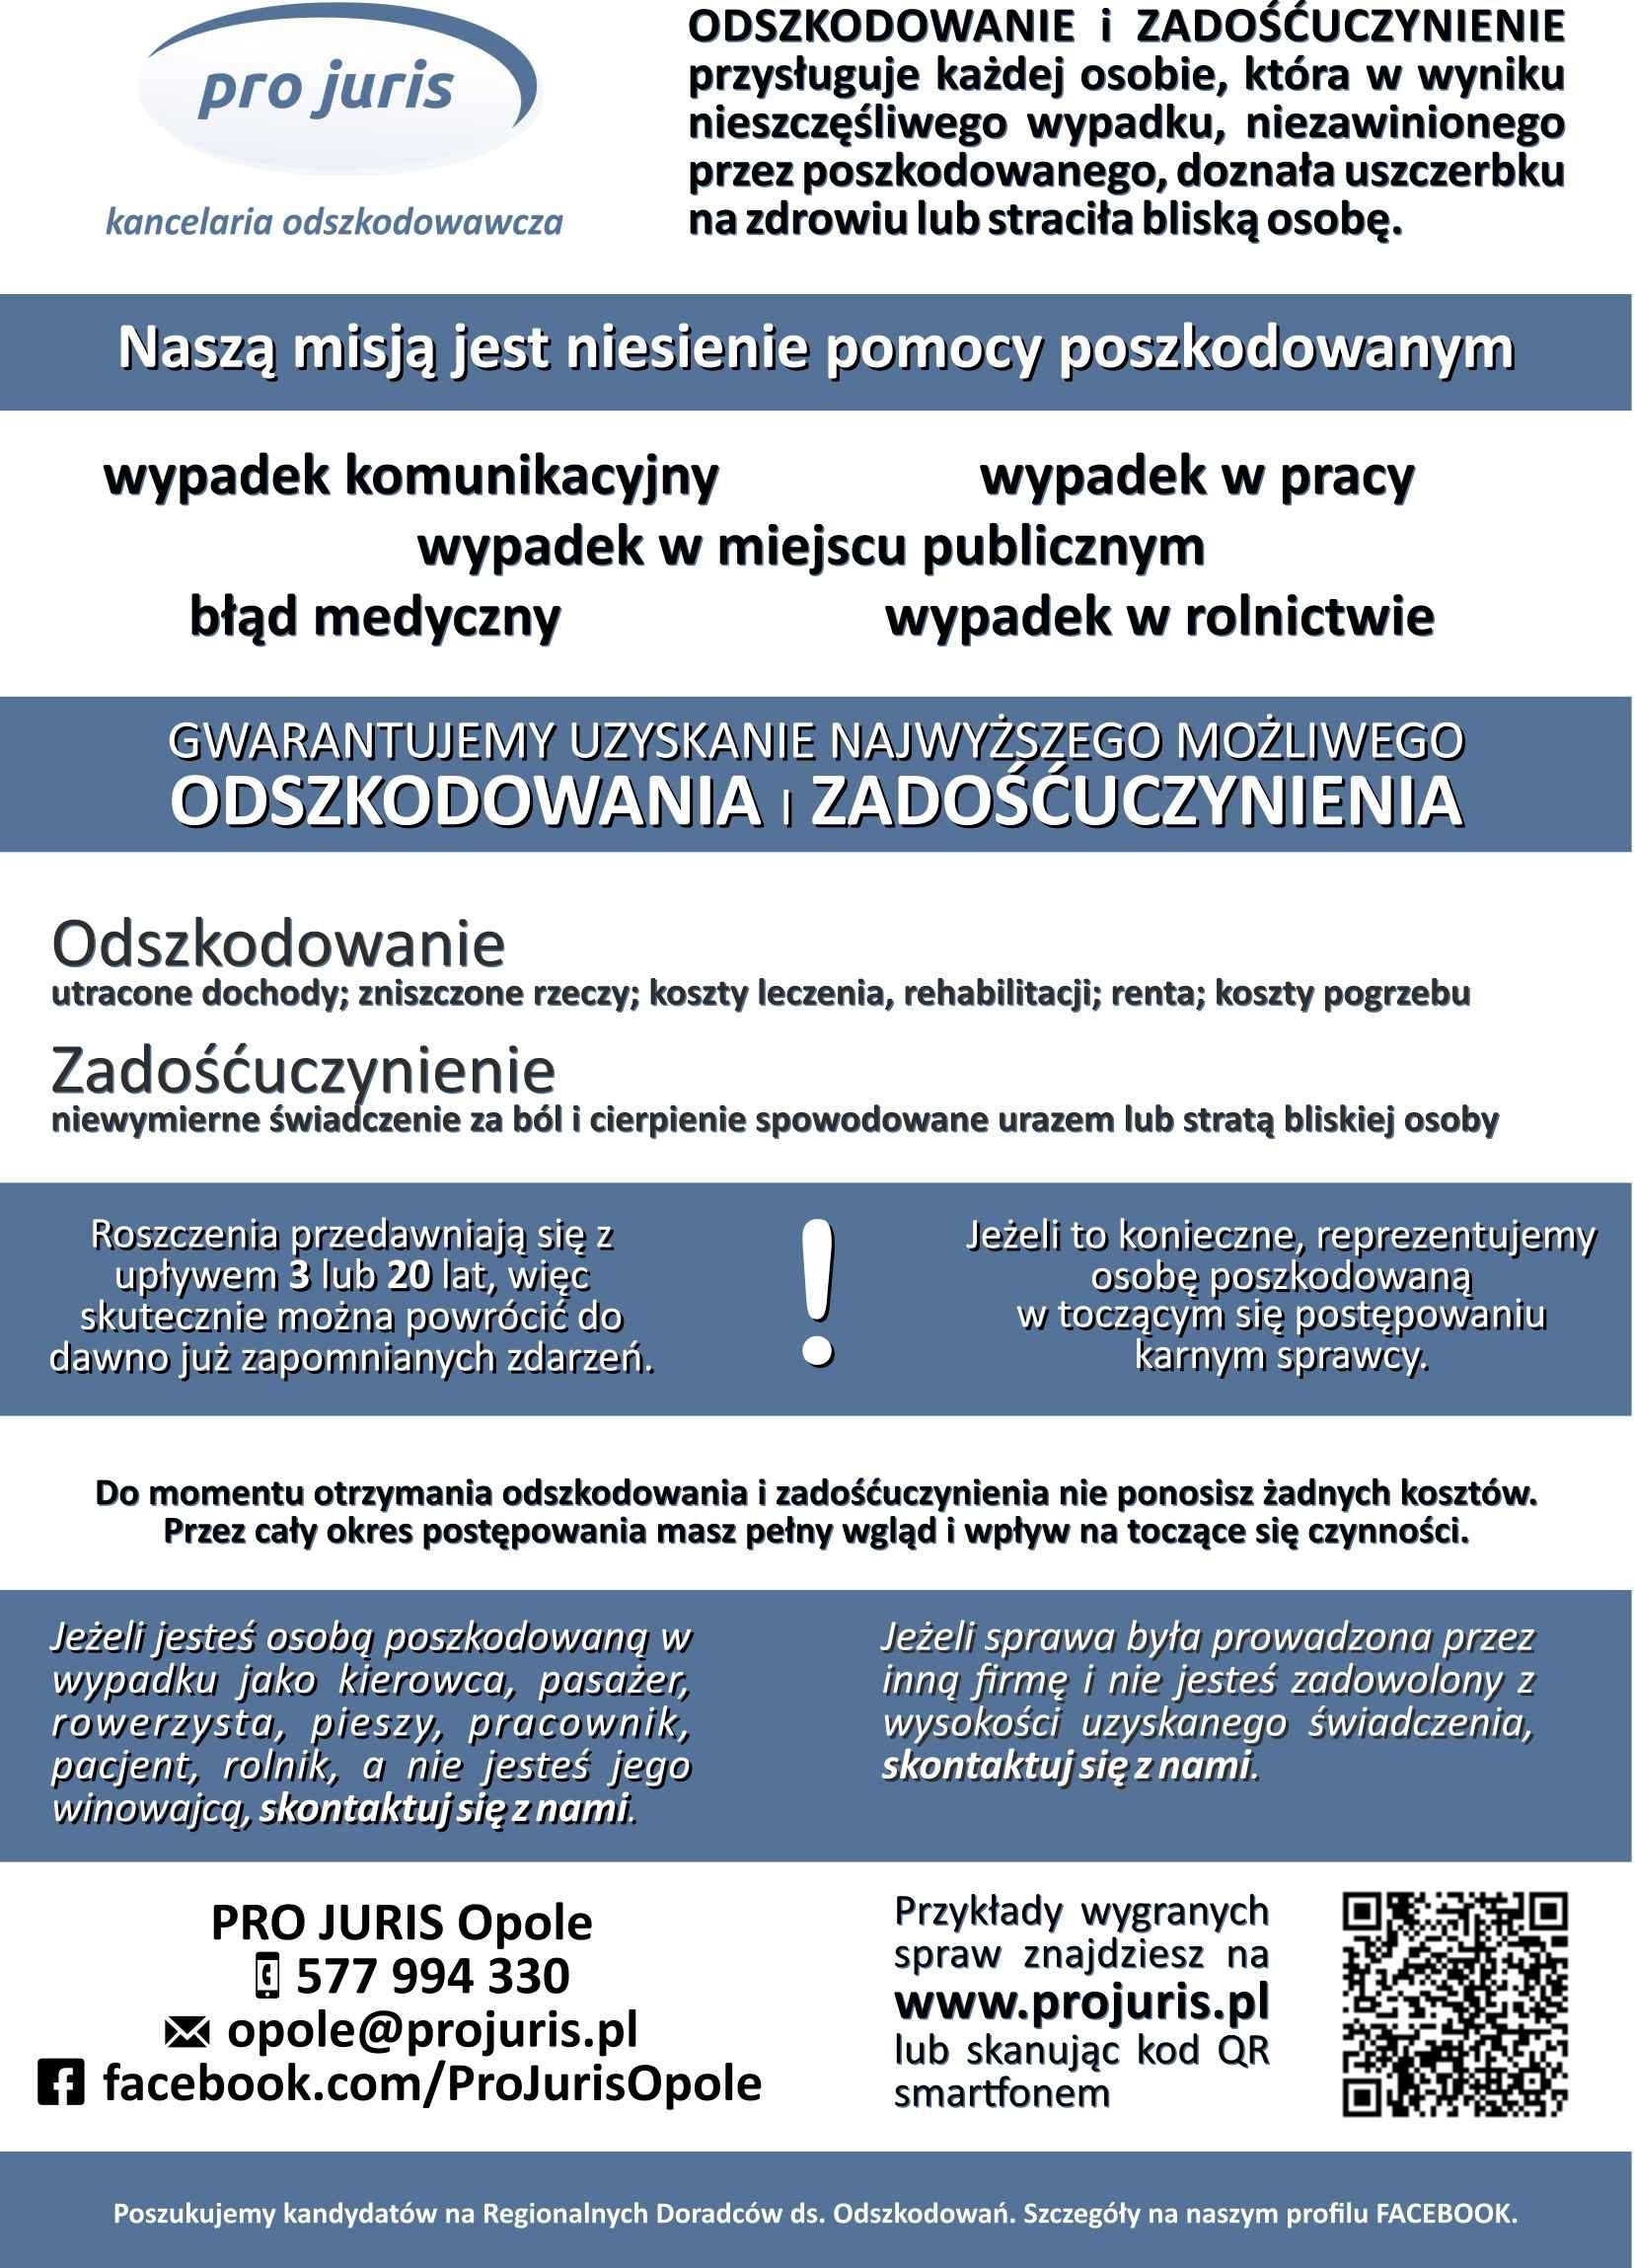 Gwarantowane najwyższe odszkodowanie i zadośćuczynienie – Pro Juris Opole